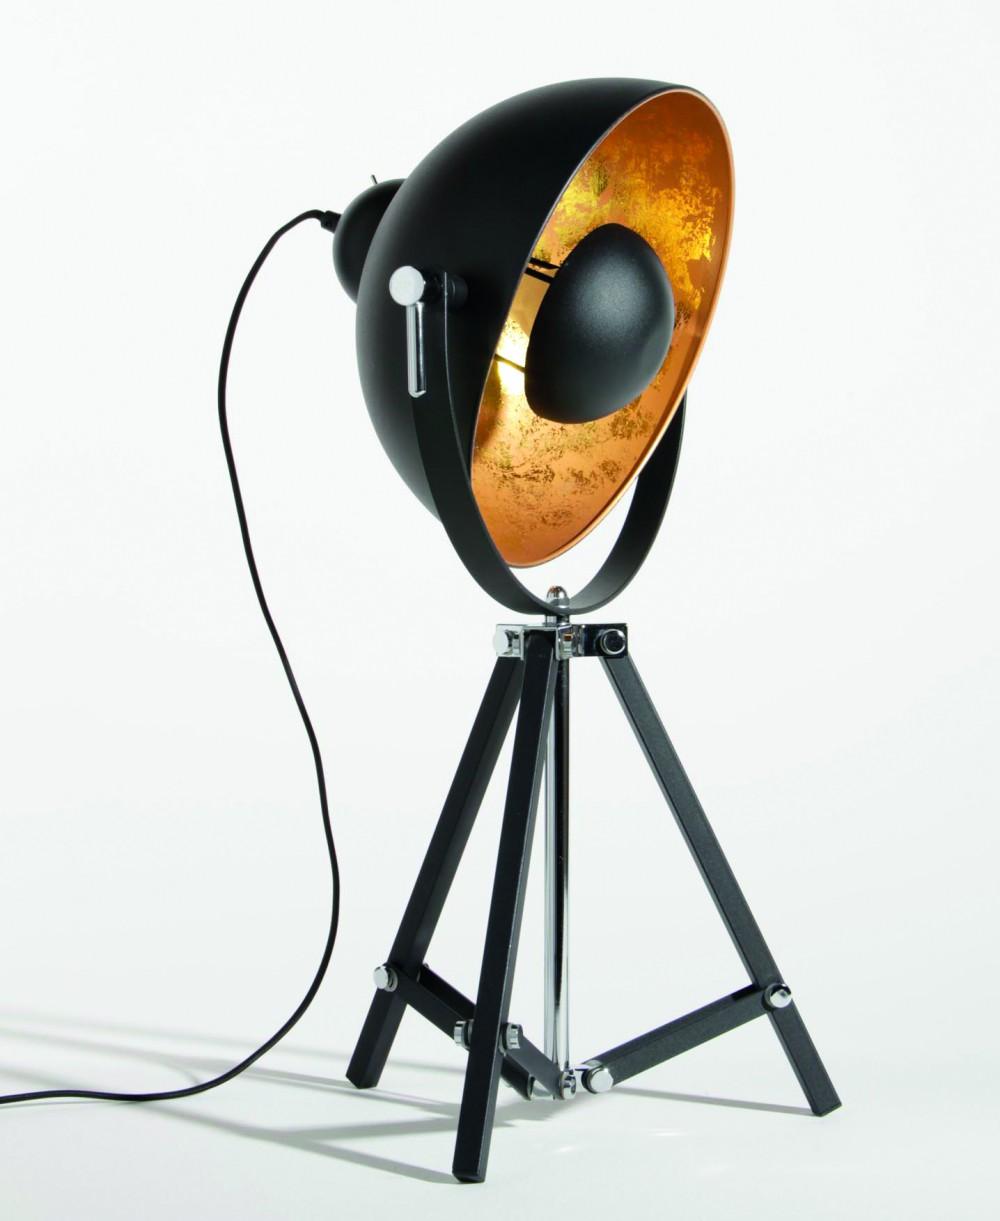 pendelleuchte lifestyle schwarz gold h ngelampe. Black Bedroom Furniture Sets. Home Design Ideas